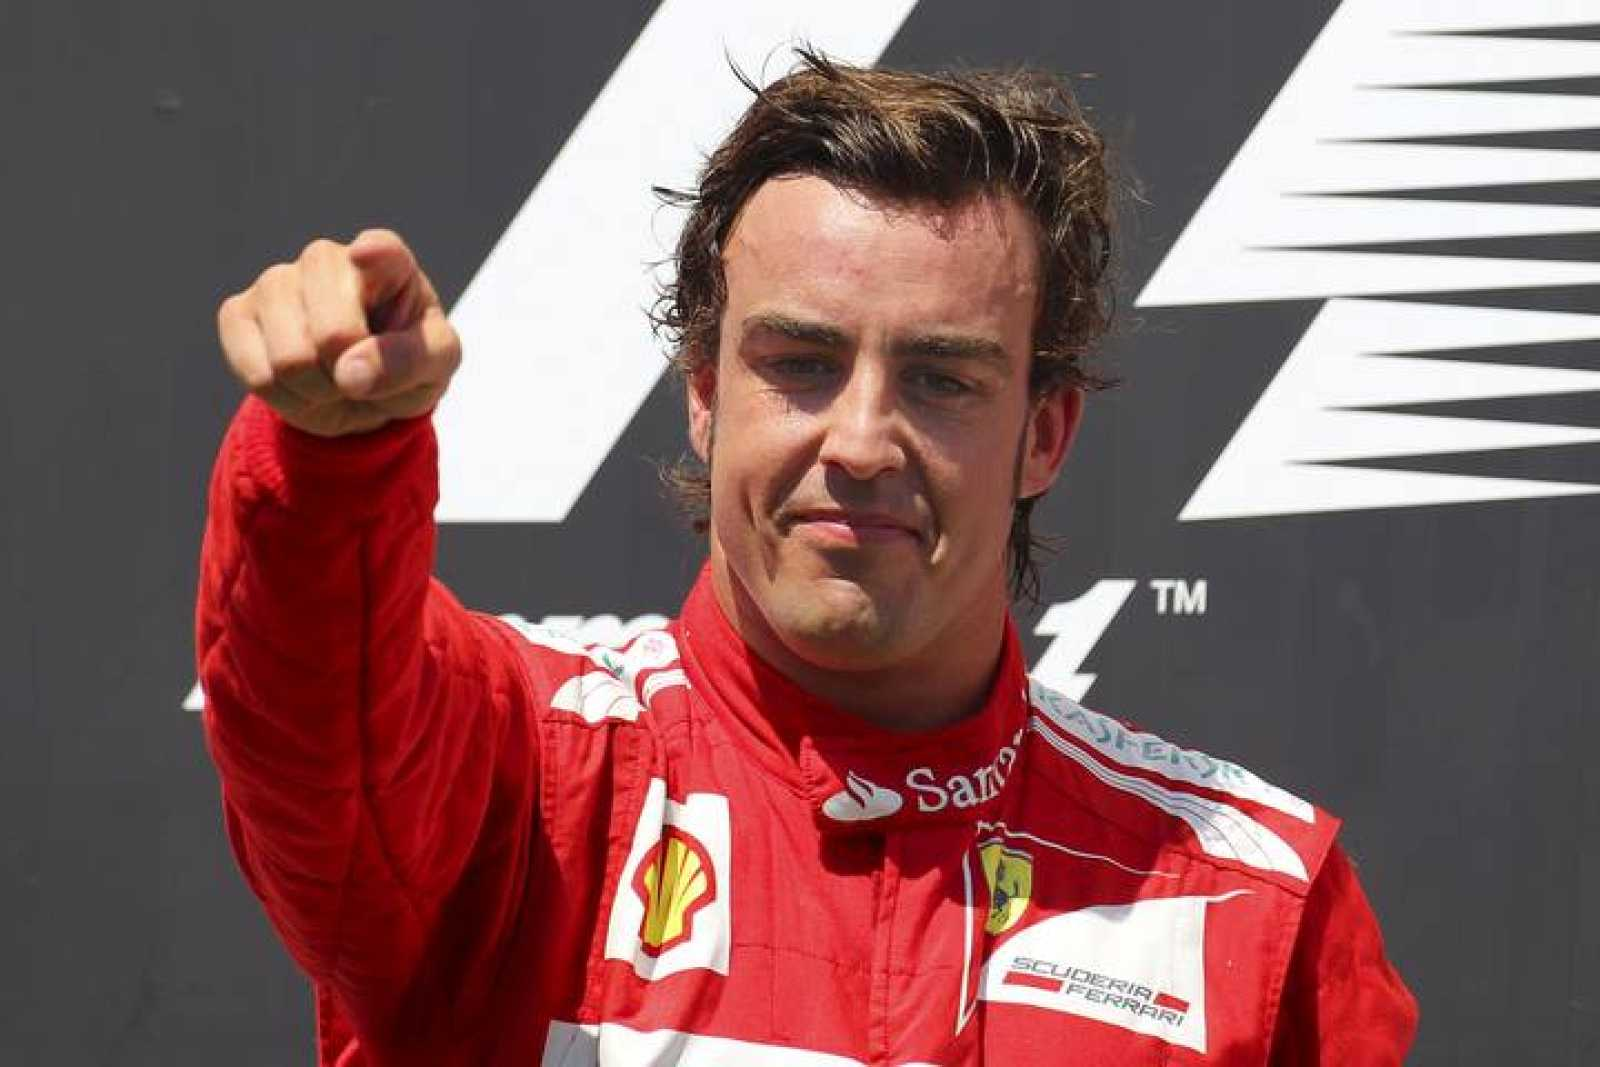 El piloto español de la escudería Ferrari de Fórmula 1, Fernando Alonso, celebra en el podio la victoria